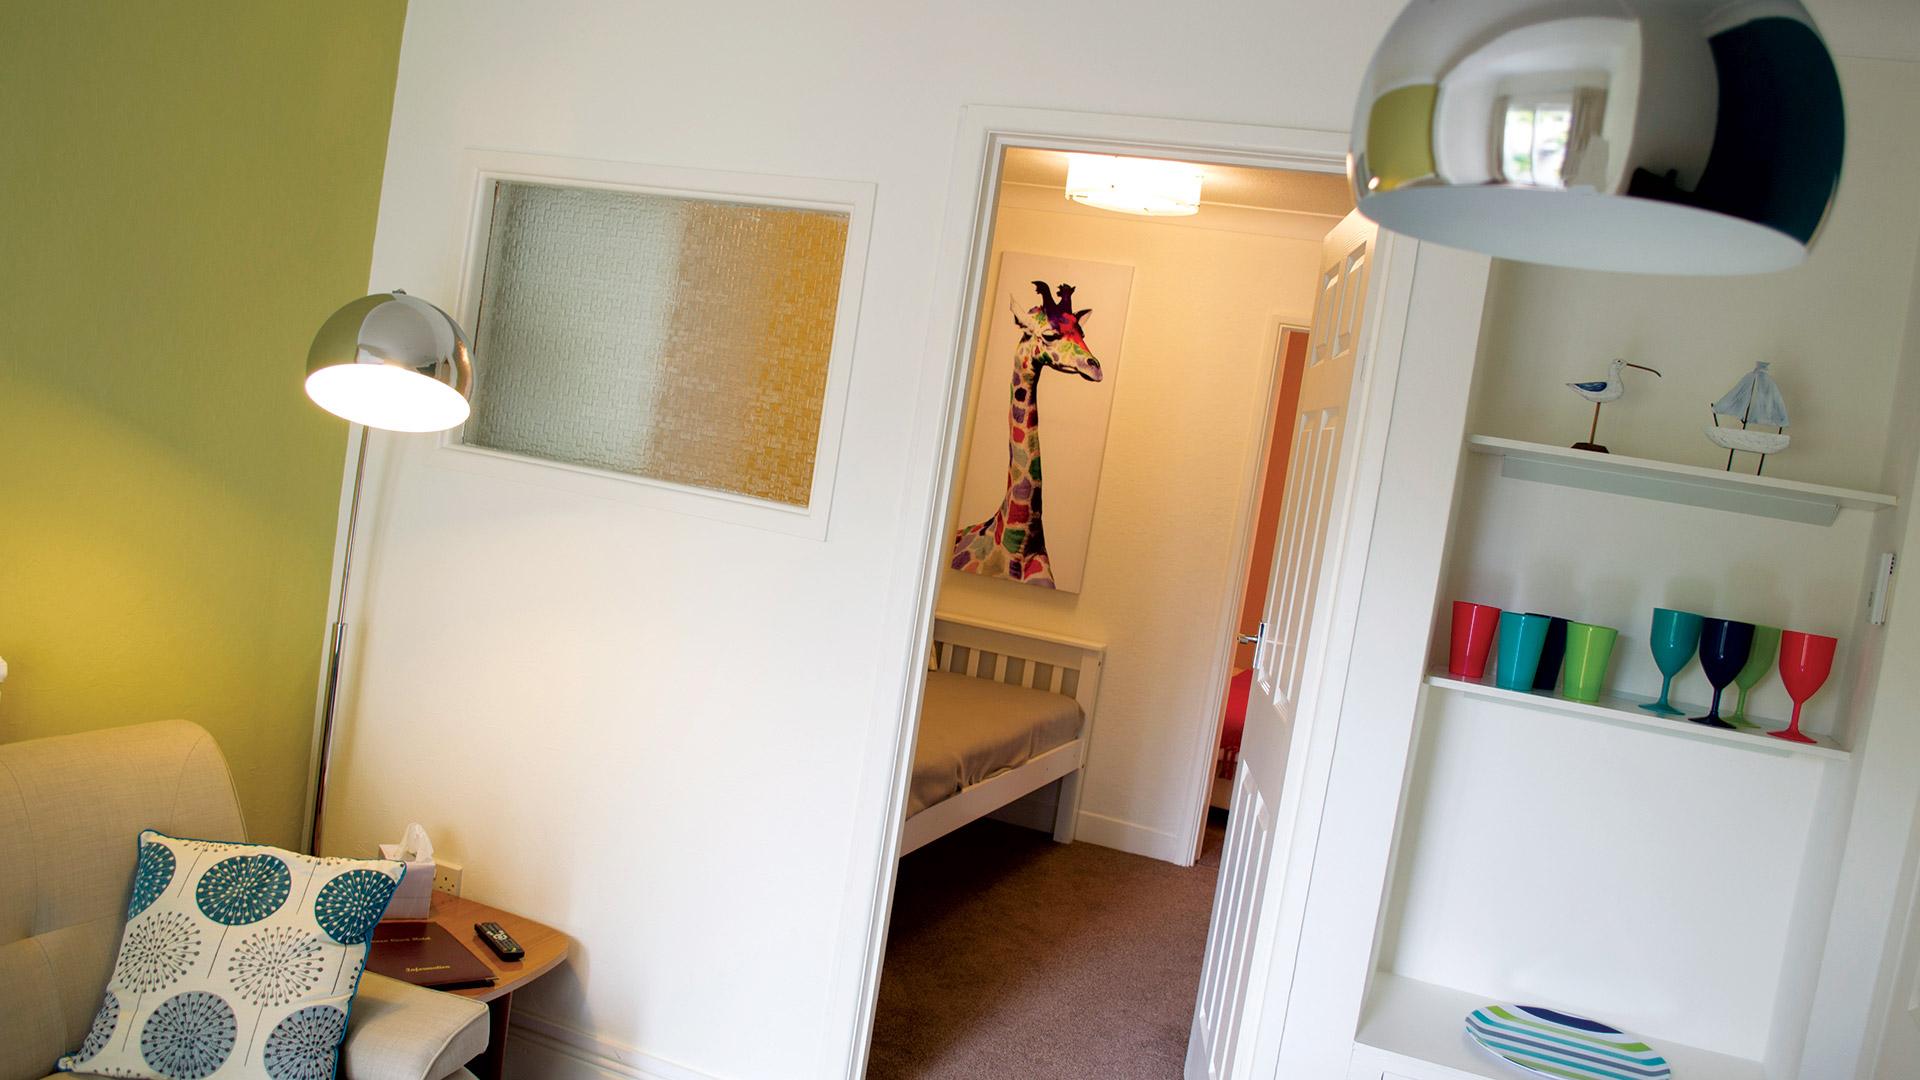 Devon court self catering apartment